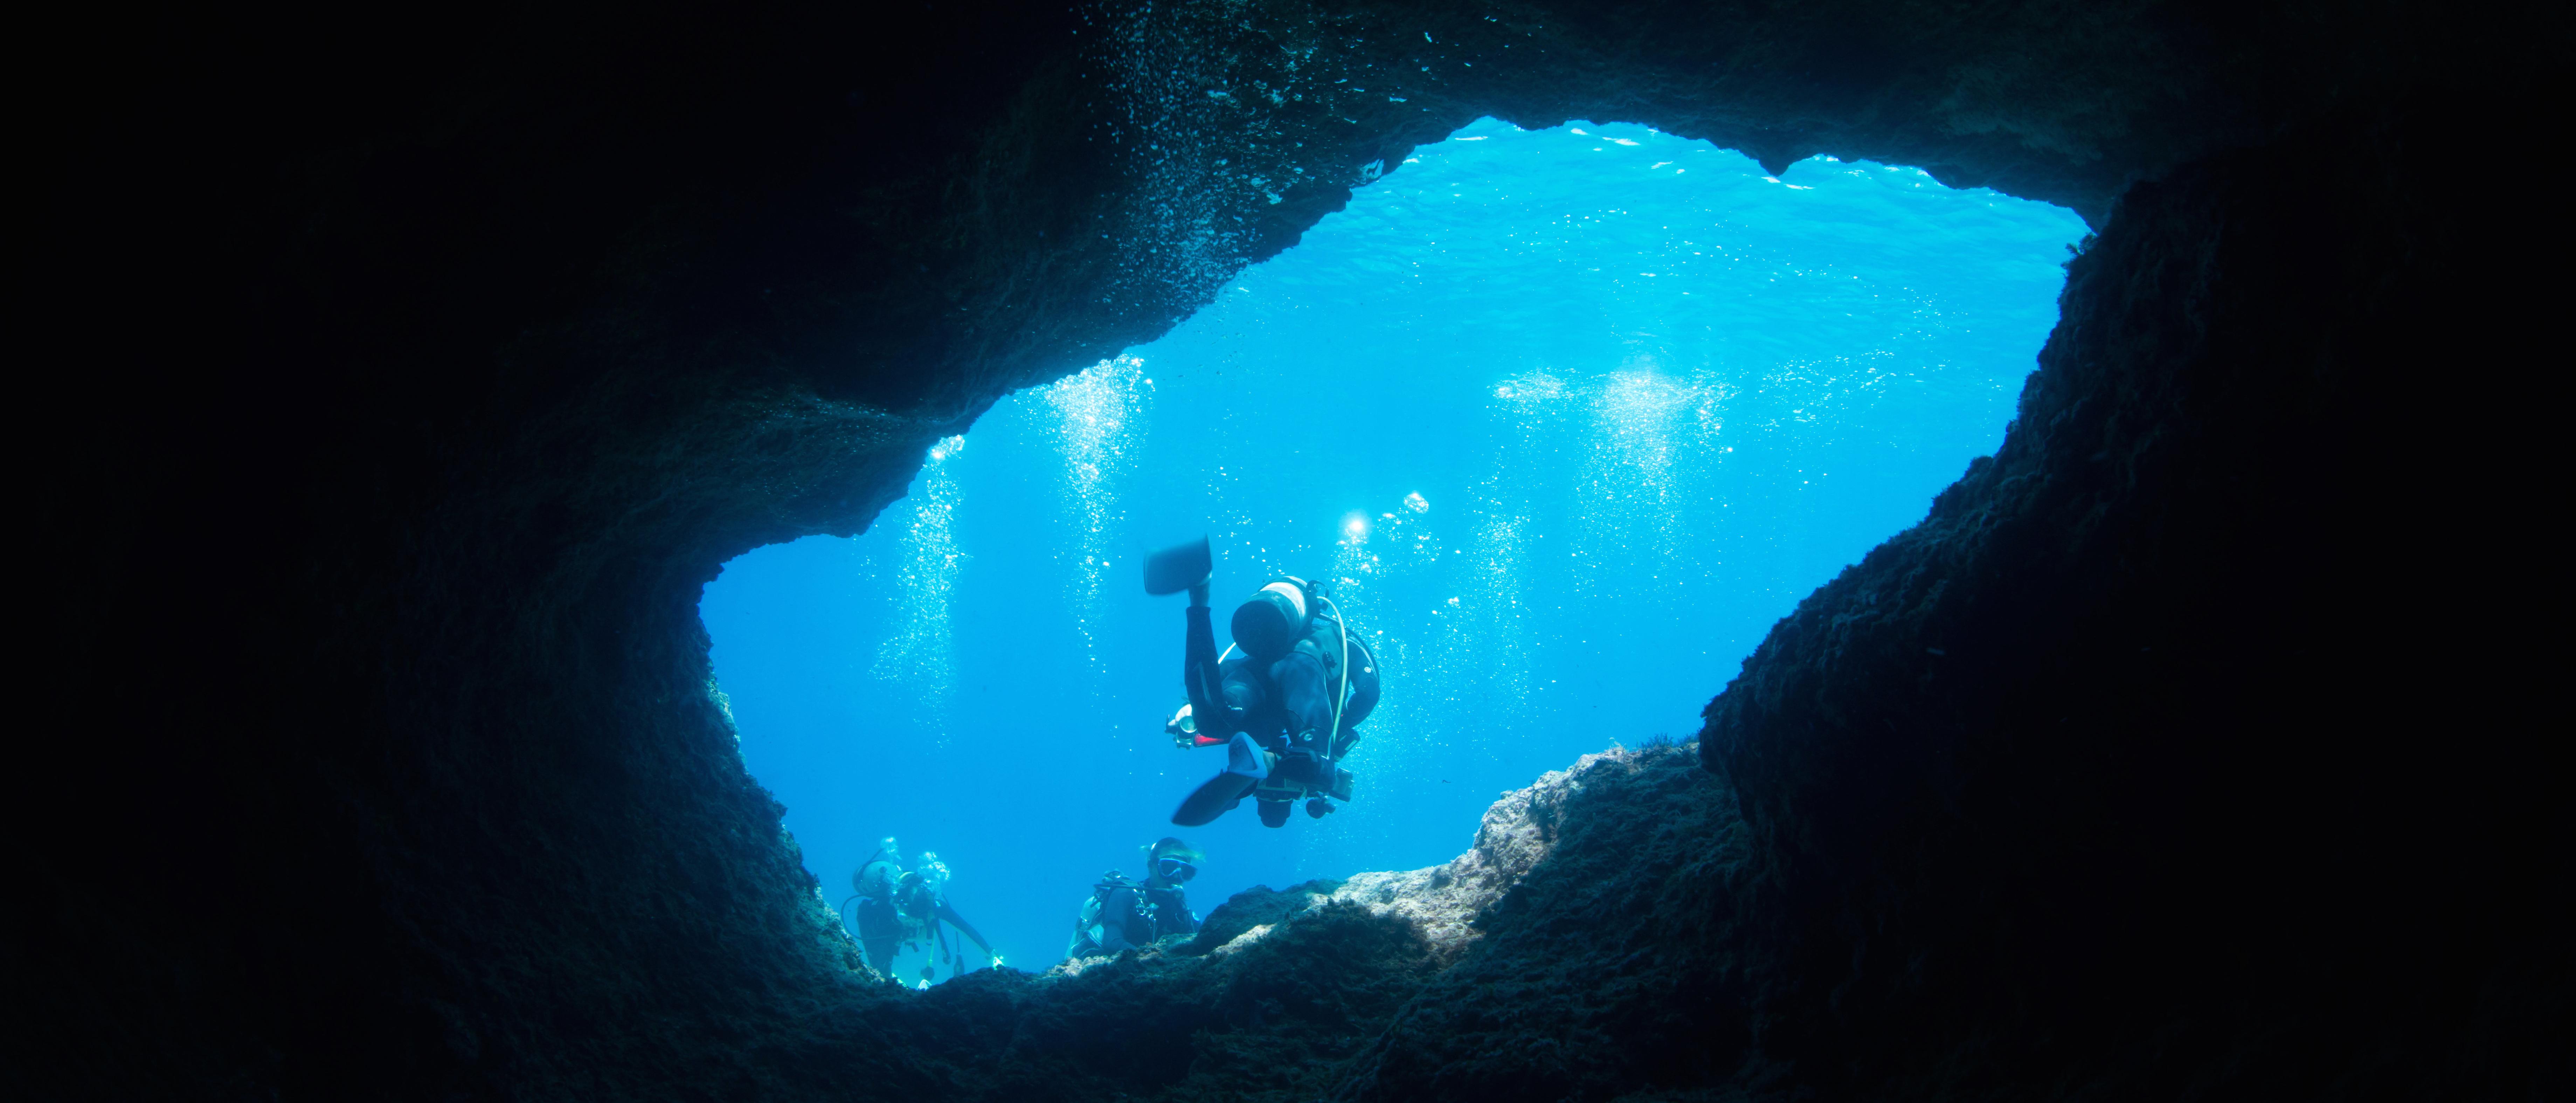 沖繩藍洞是世界上有名的潛點,許多潛水愛好者慕名而至。(Pic l Klook))